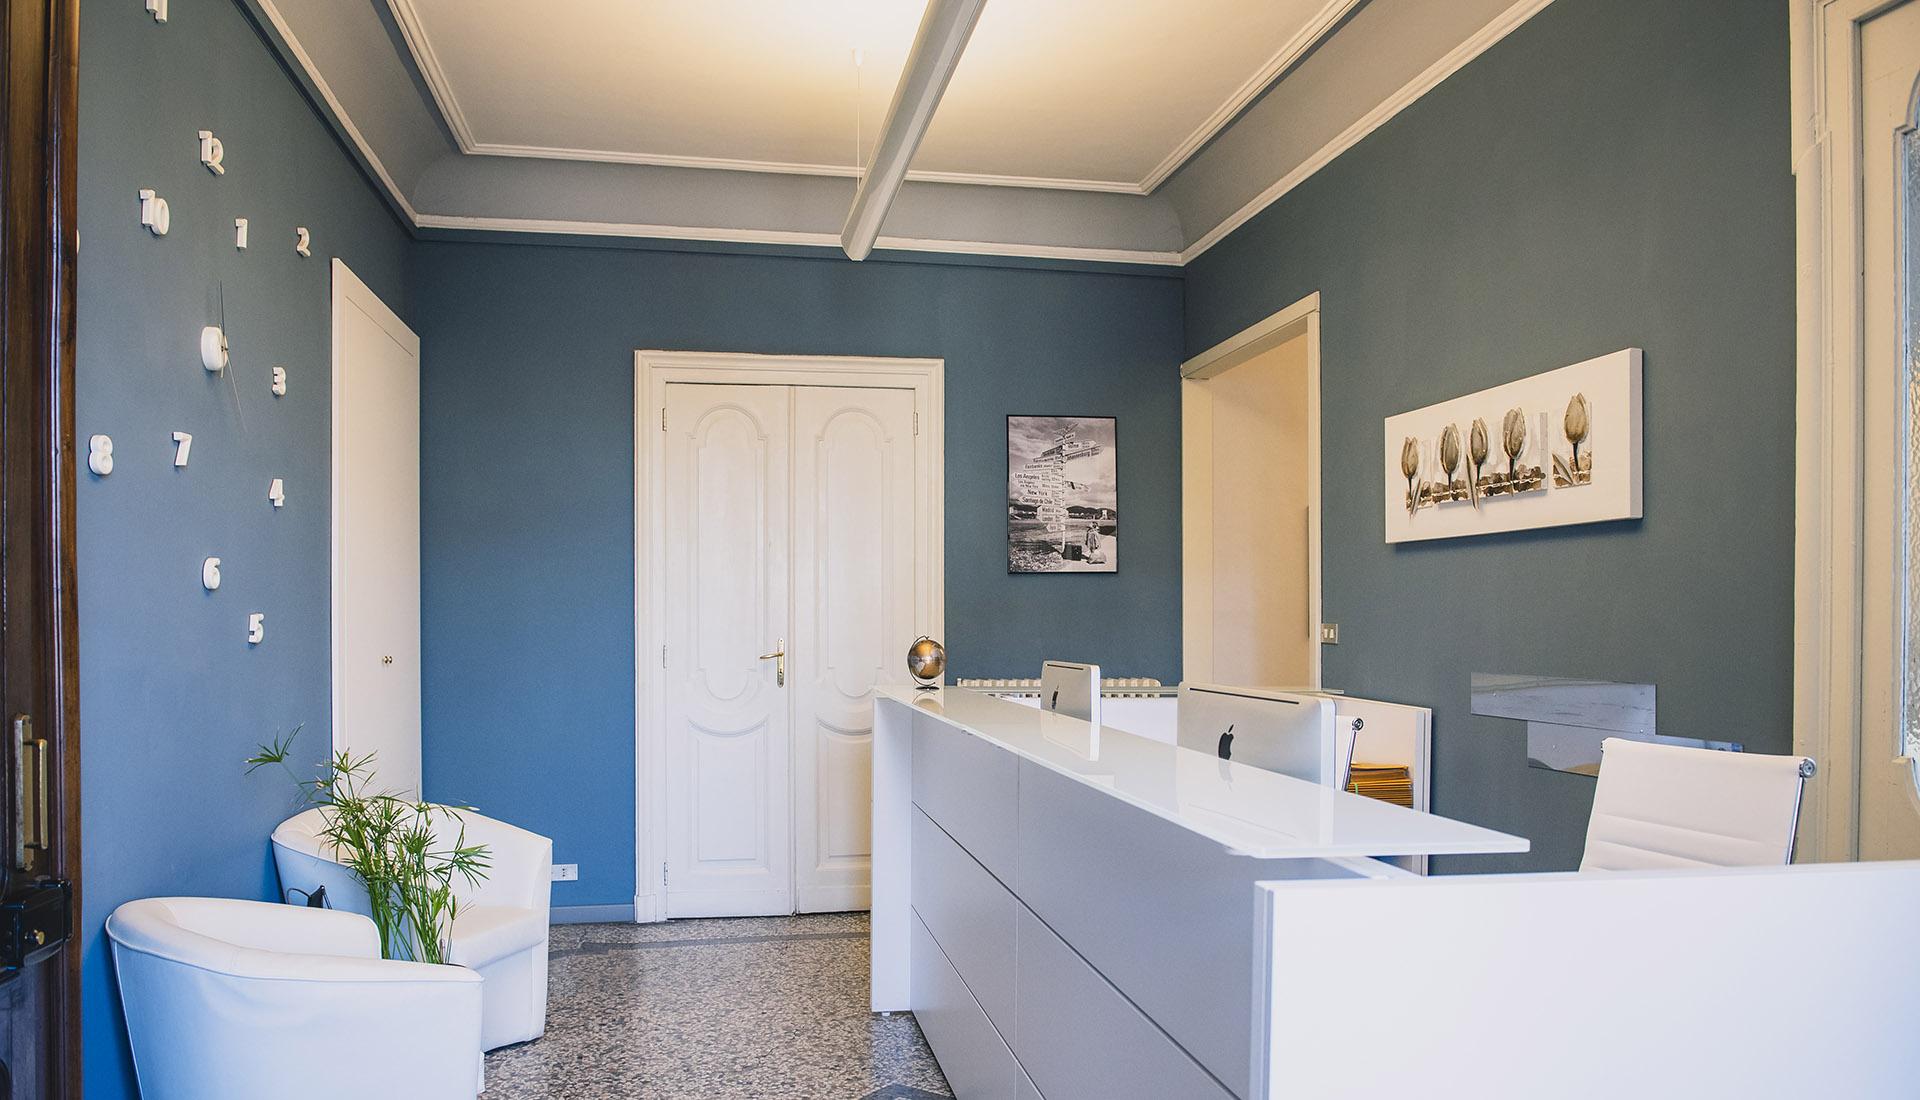 Studio Legale Sanzone & Piccotti